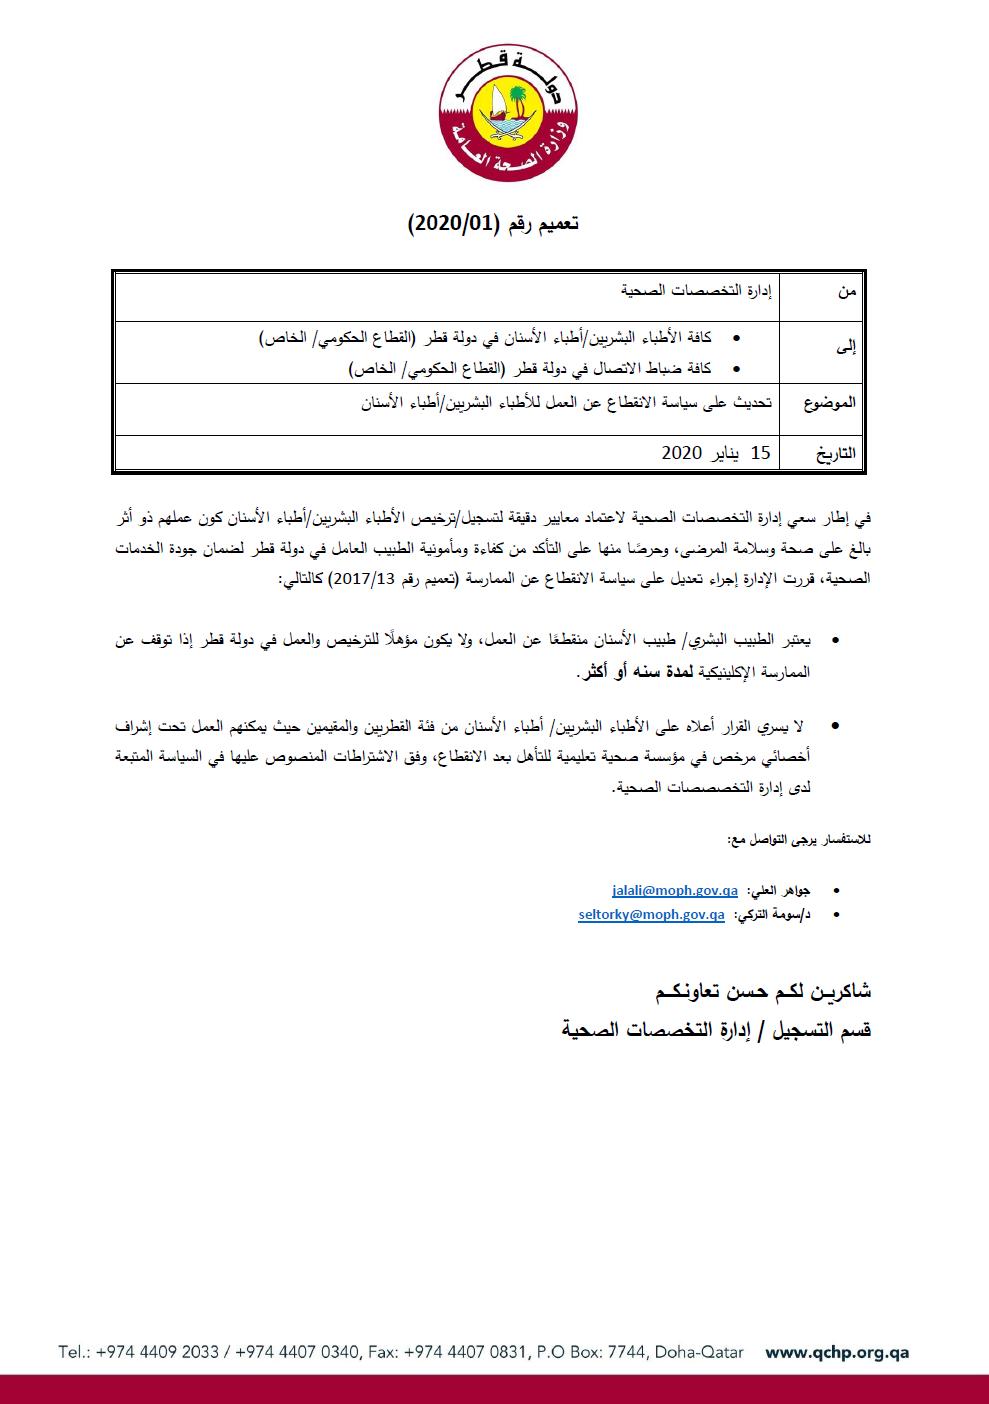 الانقطاع عن العمل وزارة الصحة